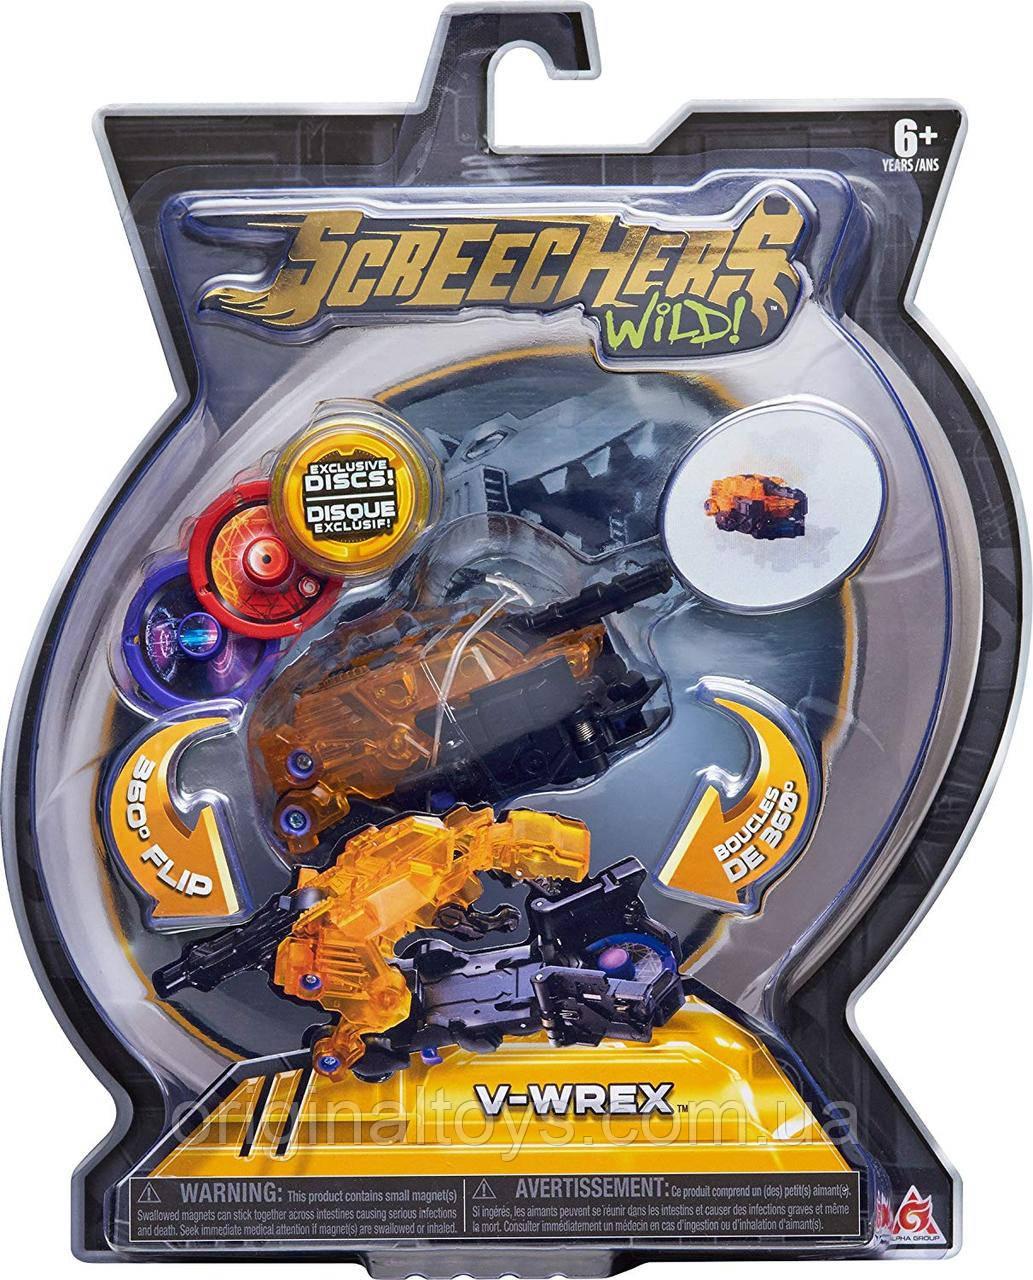 Машинка трансформер Ви-Врекс Дикие Скричеры Screechers Wild V-WREX Level 2